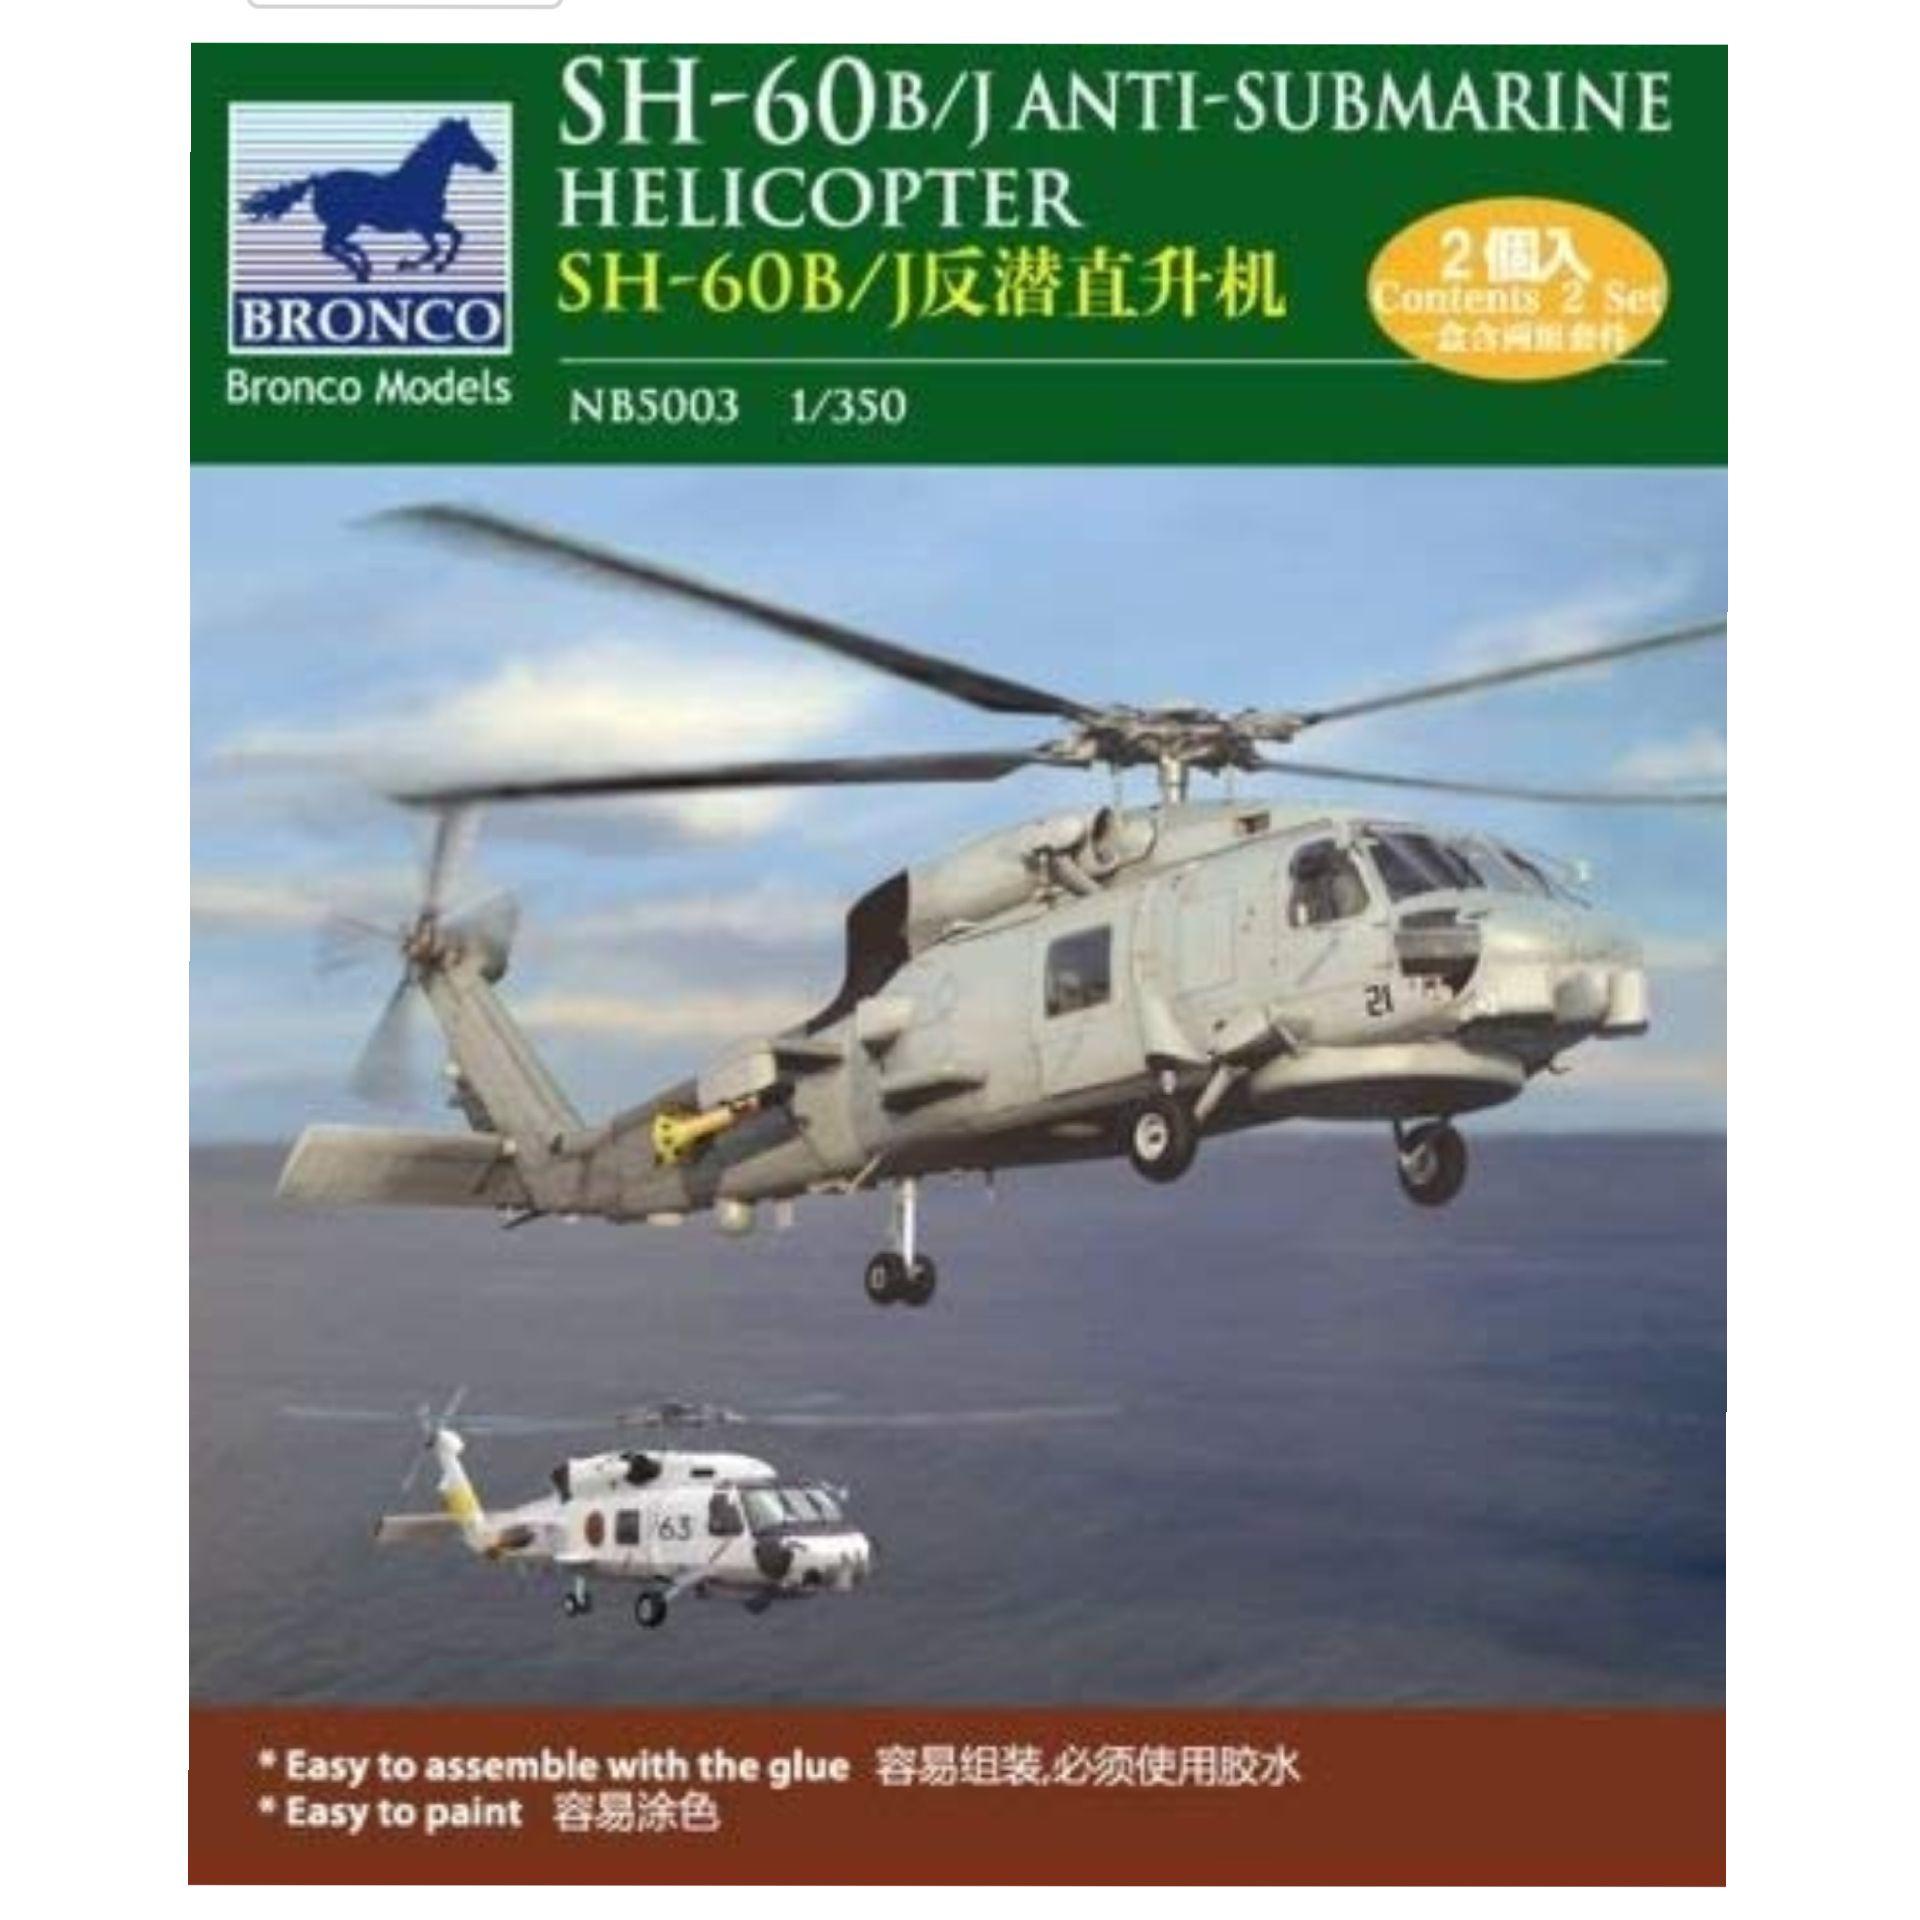 Maqueta Bronco 1:350 Helicóptero SH-60 B/J Anti-Submarinos (Plus)